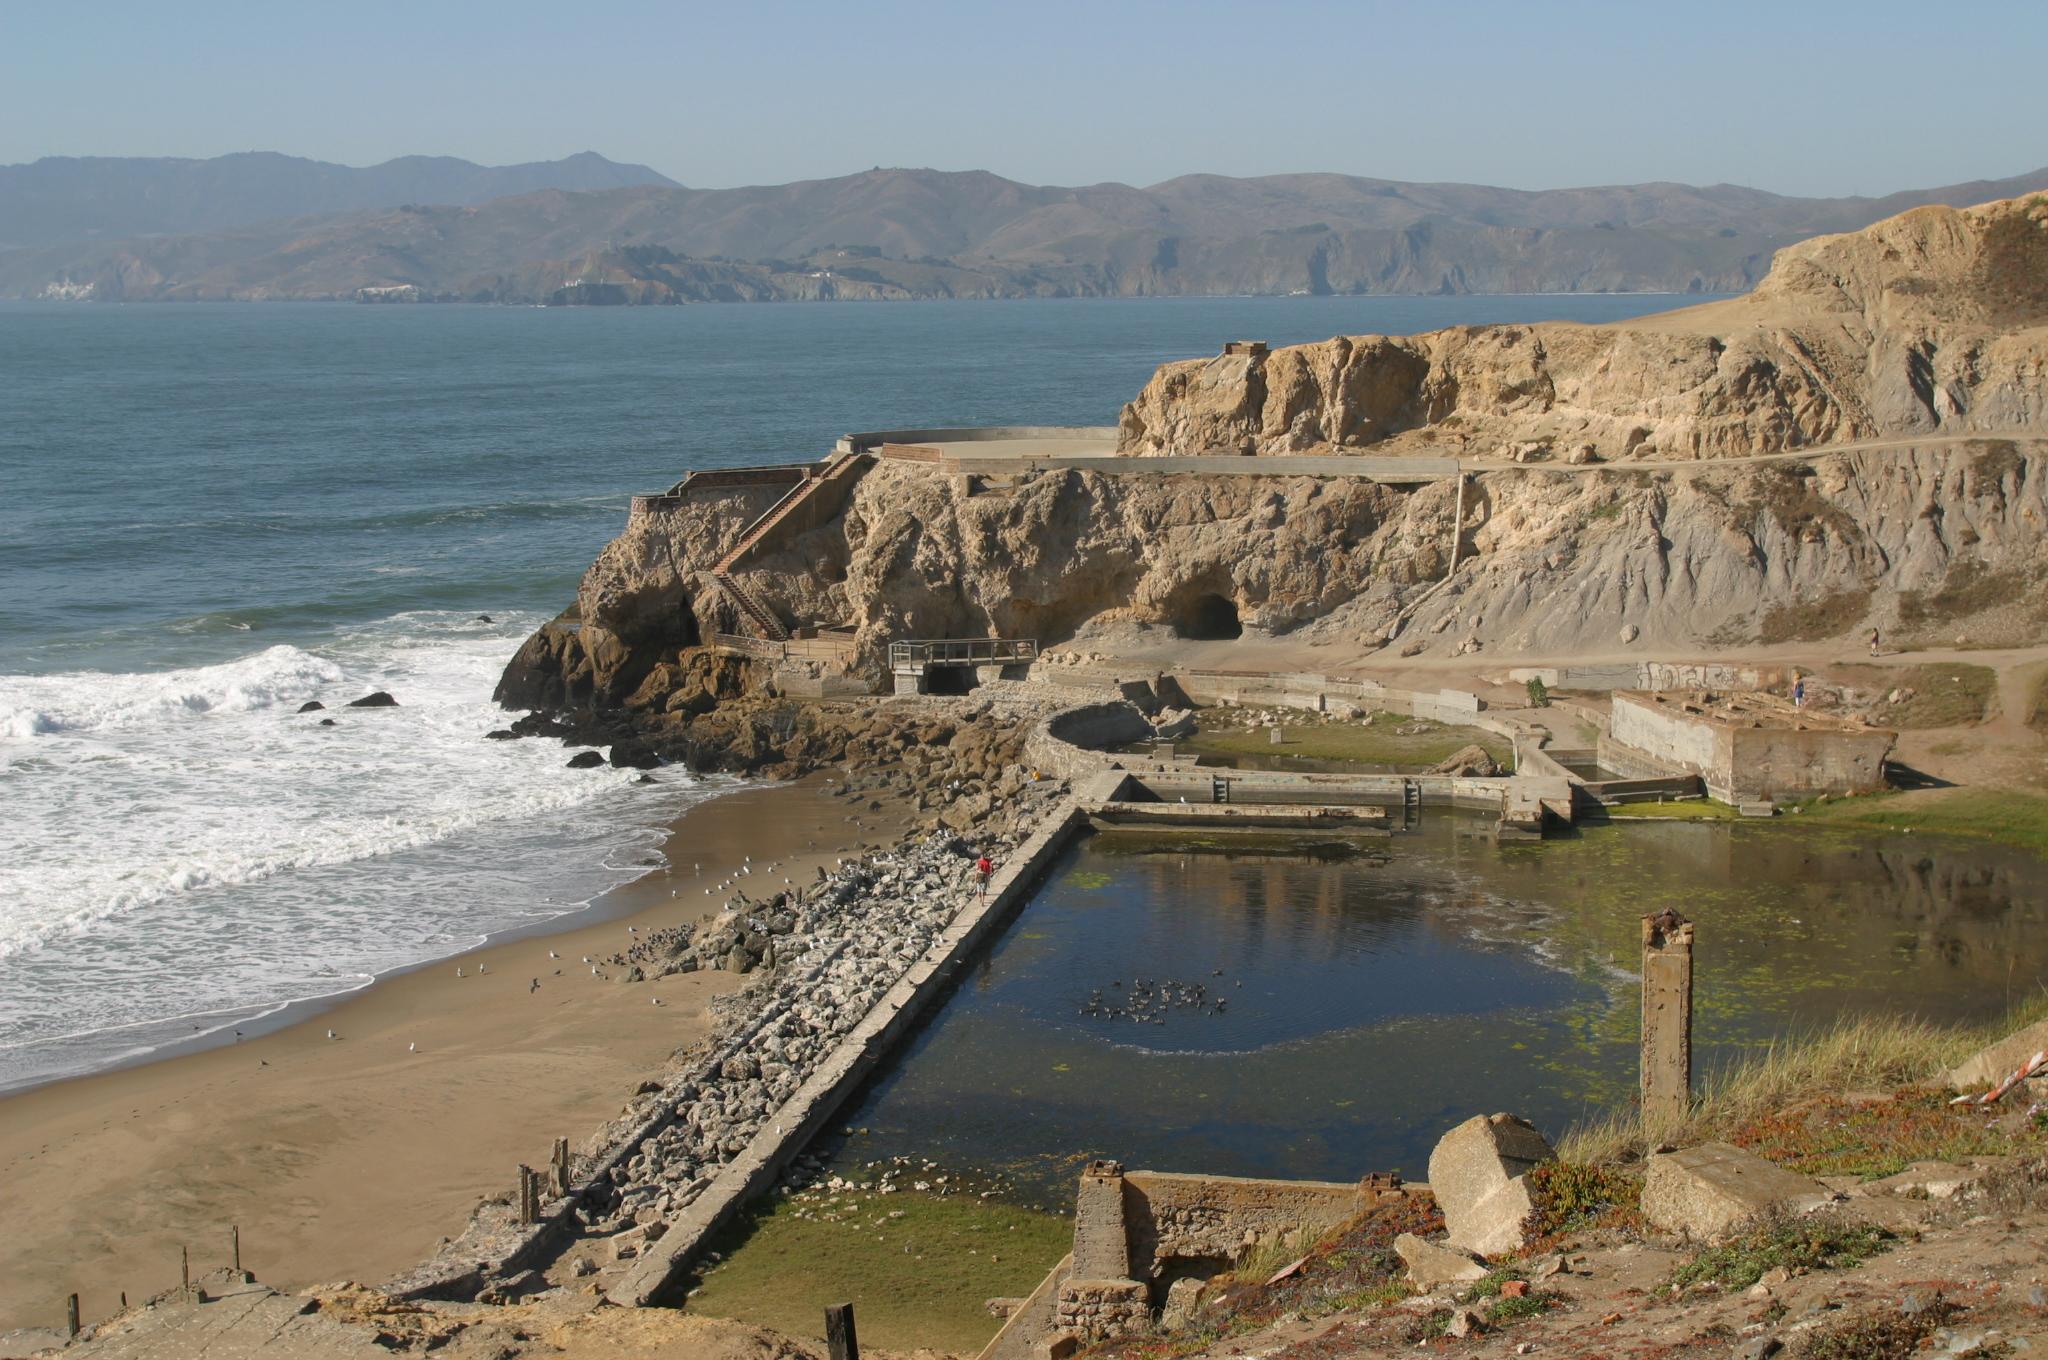 西海岸最佳觀光景點之一 - 通天經紀 - tongtianjingji的博客